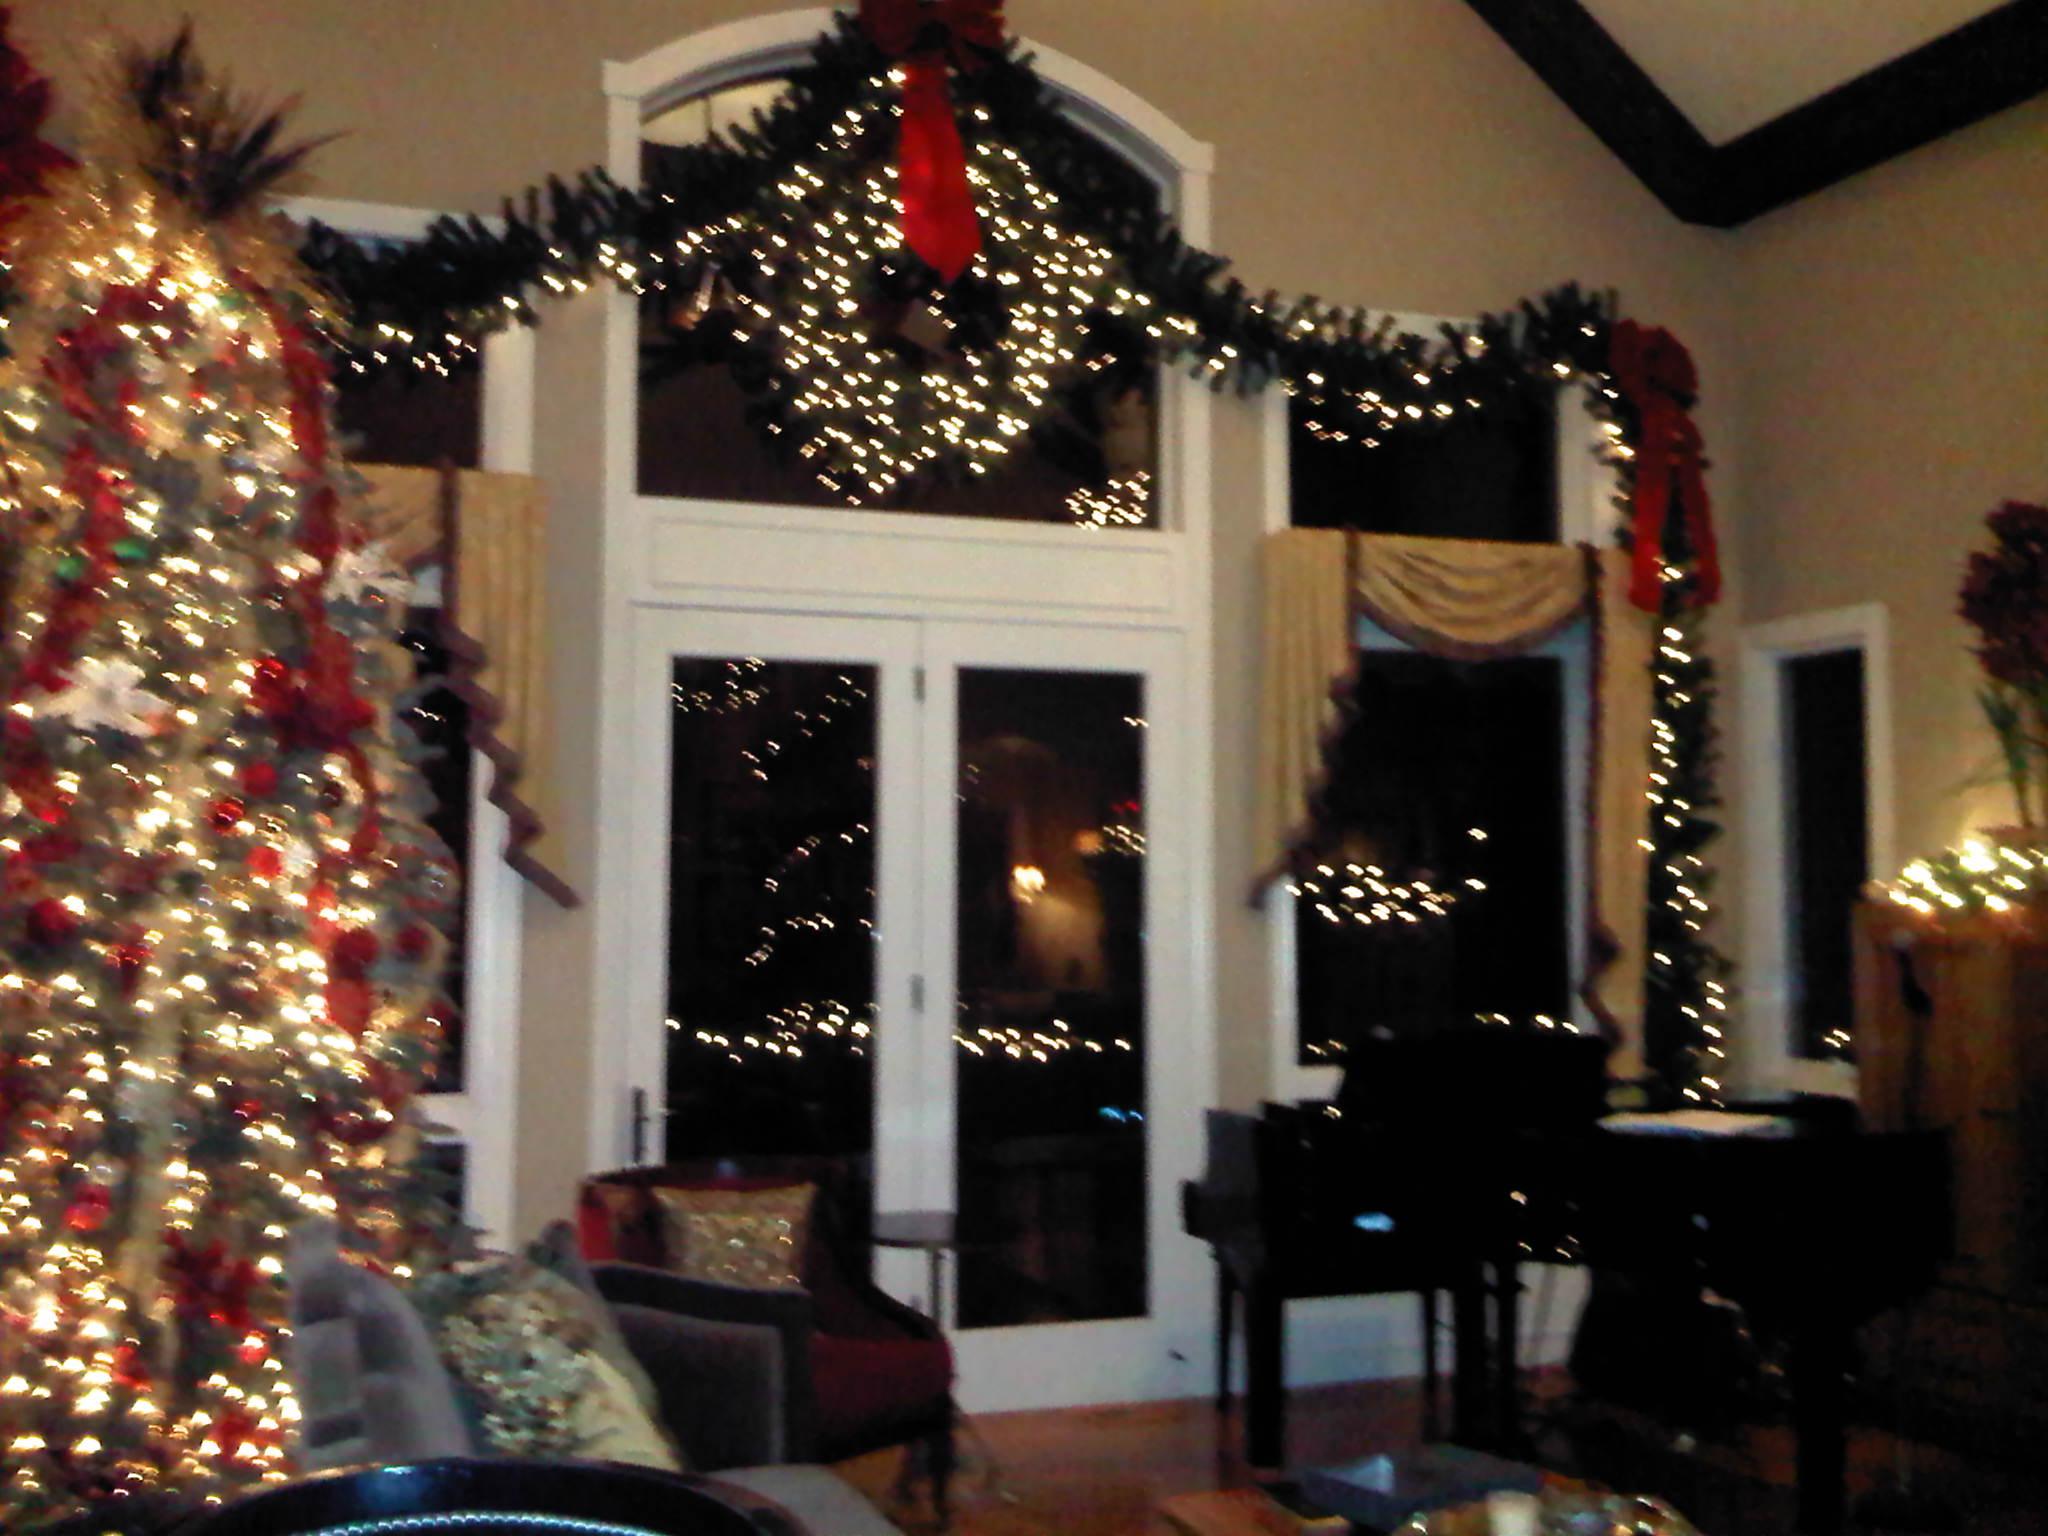 red, white & gold Christmas decor - Party Planner Denver.jpg